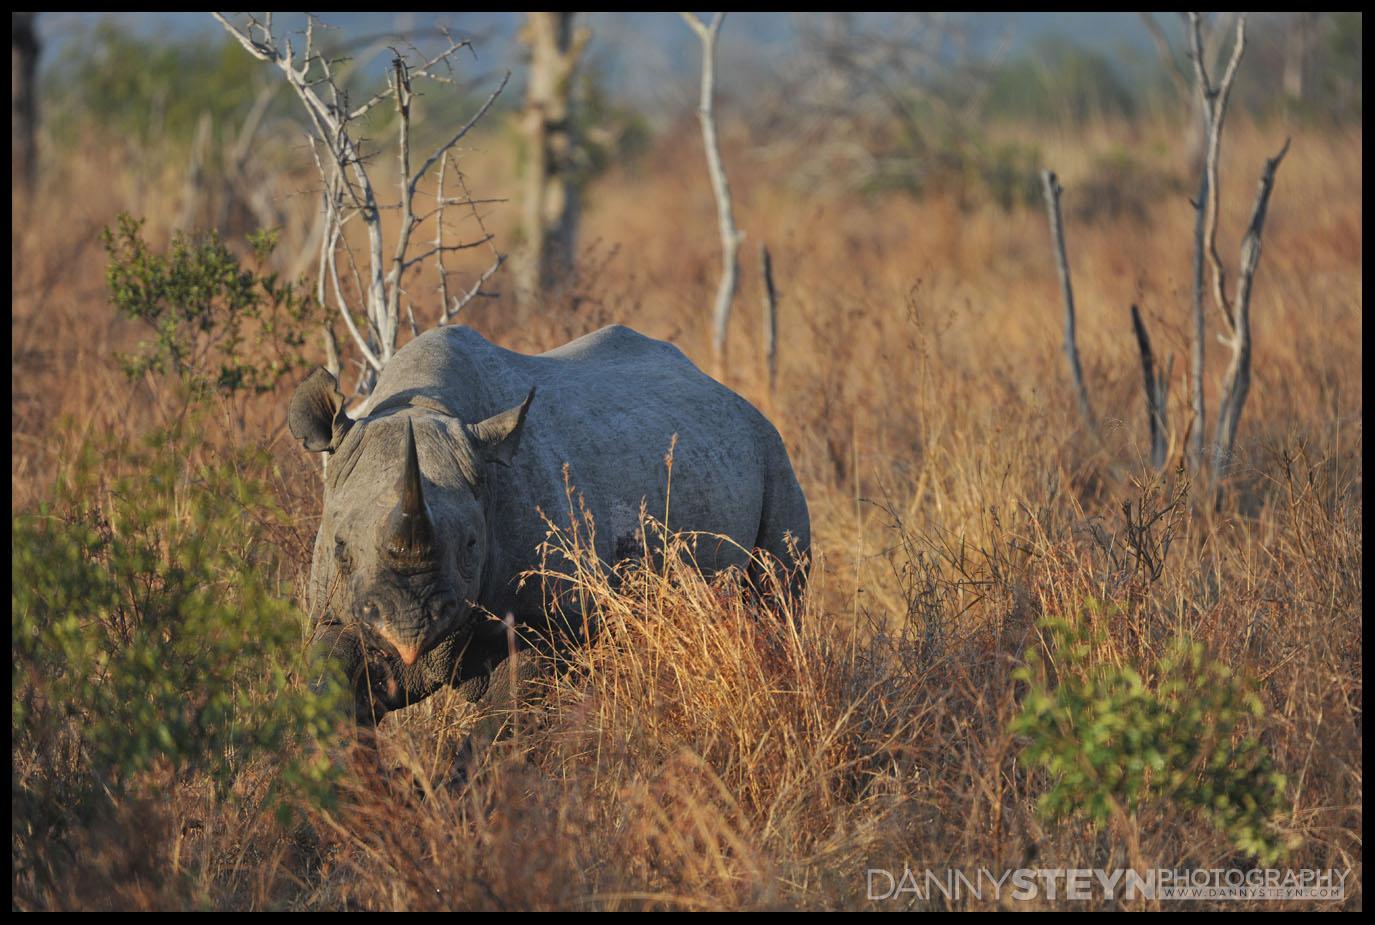 wildlife photography wildlife photographer - Swaziland